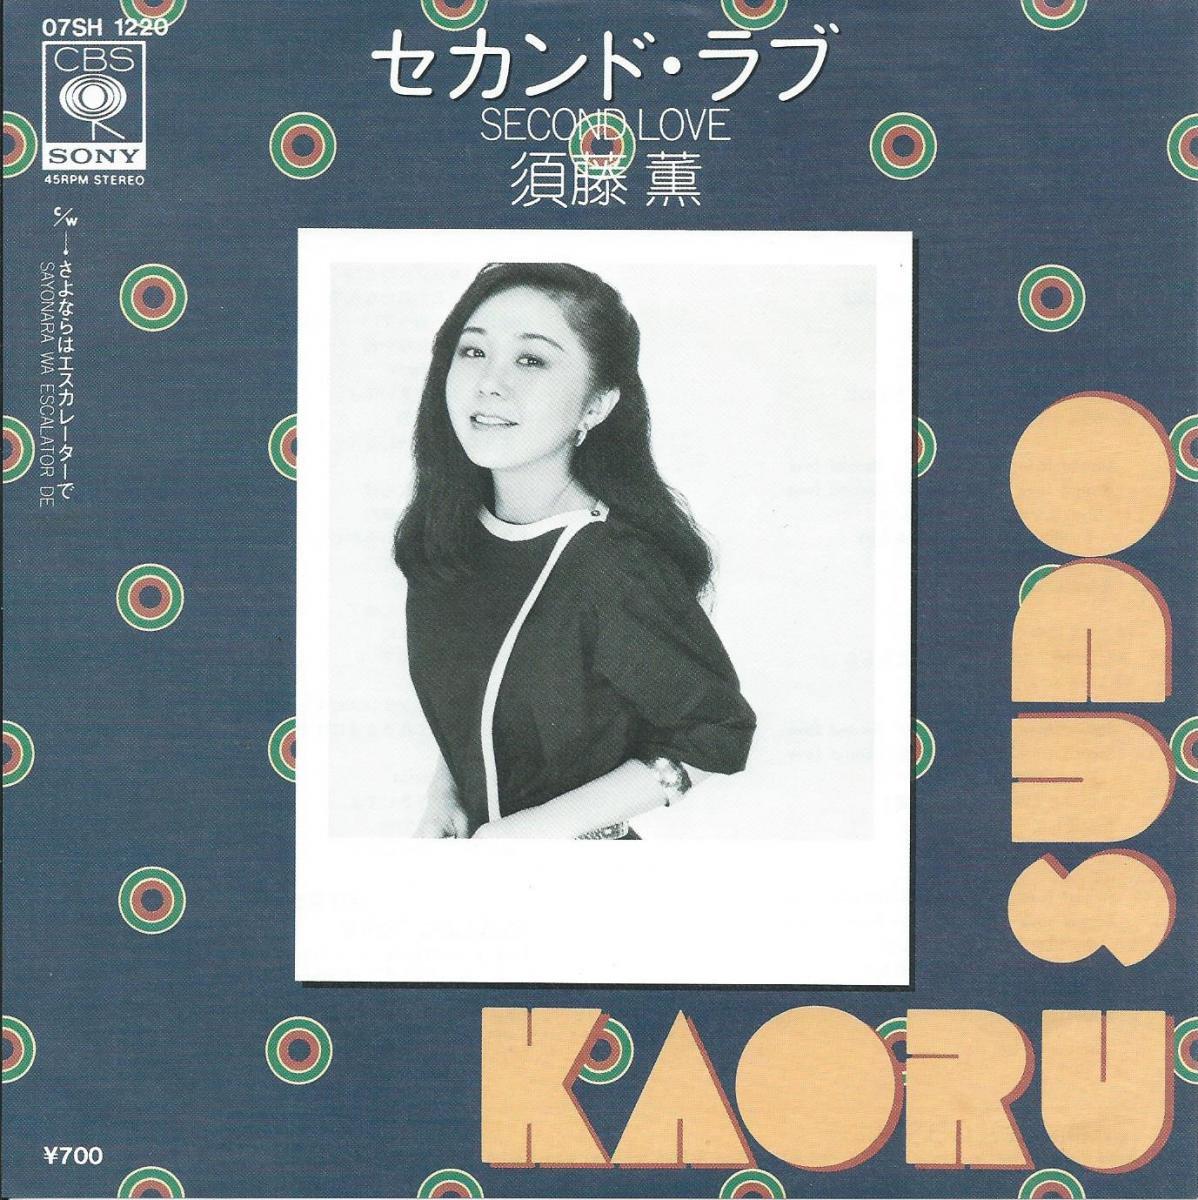 須藤 薫 KAORU SUDO / セカンド・ラブ / SECOND LOVE / さよならはエスカレーターで (7